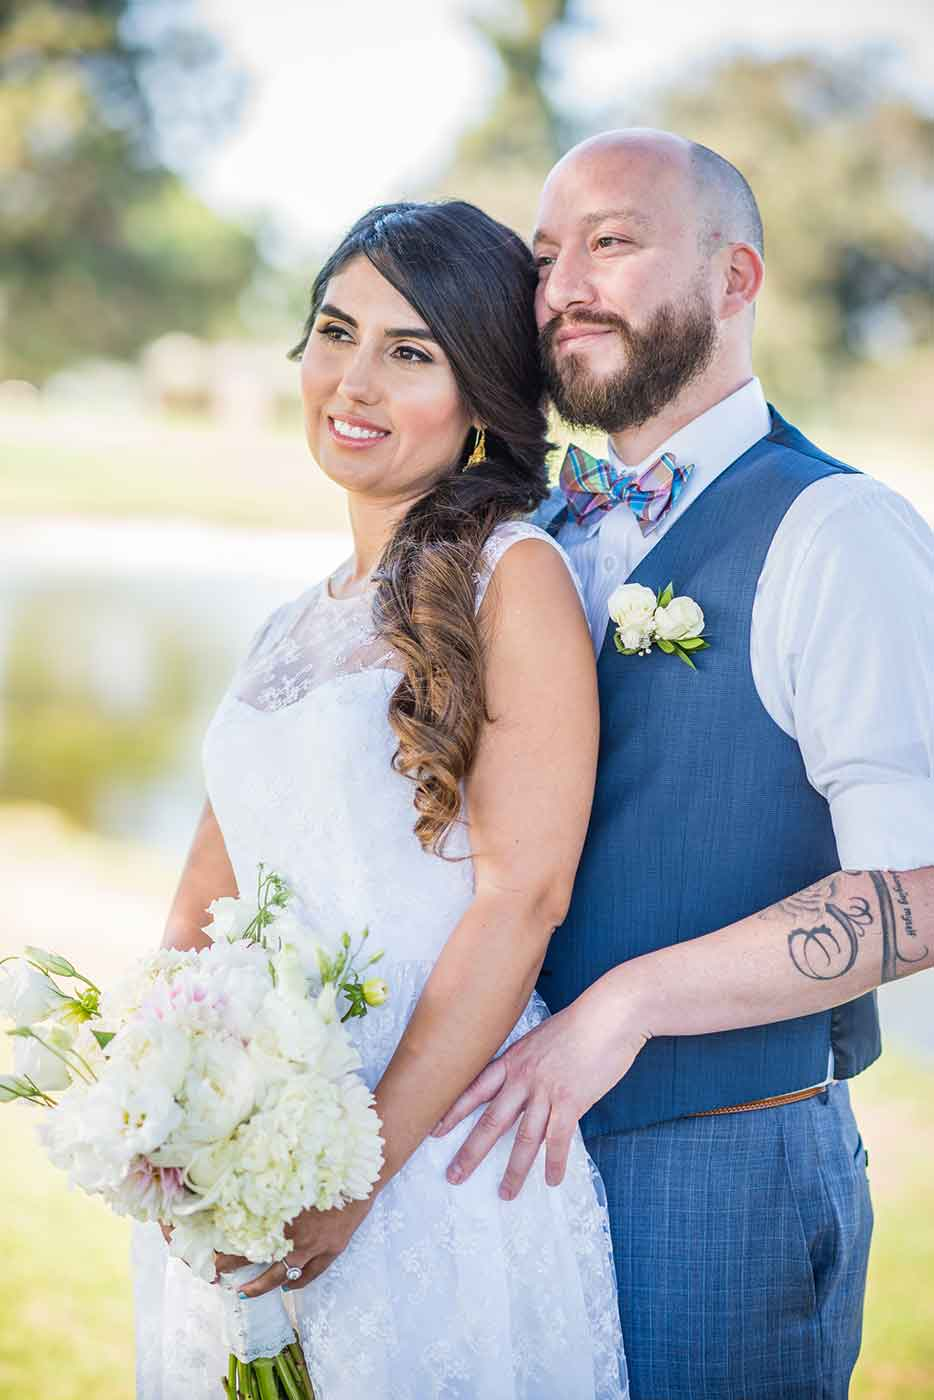 smlNahal-+-Joe-Wedding---Aug-2015-64.jpg